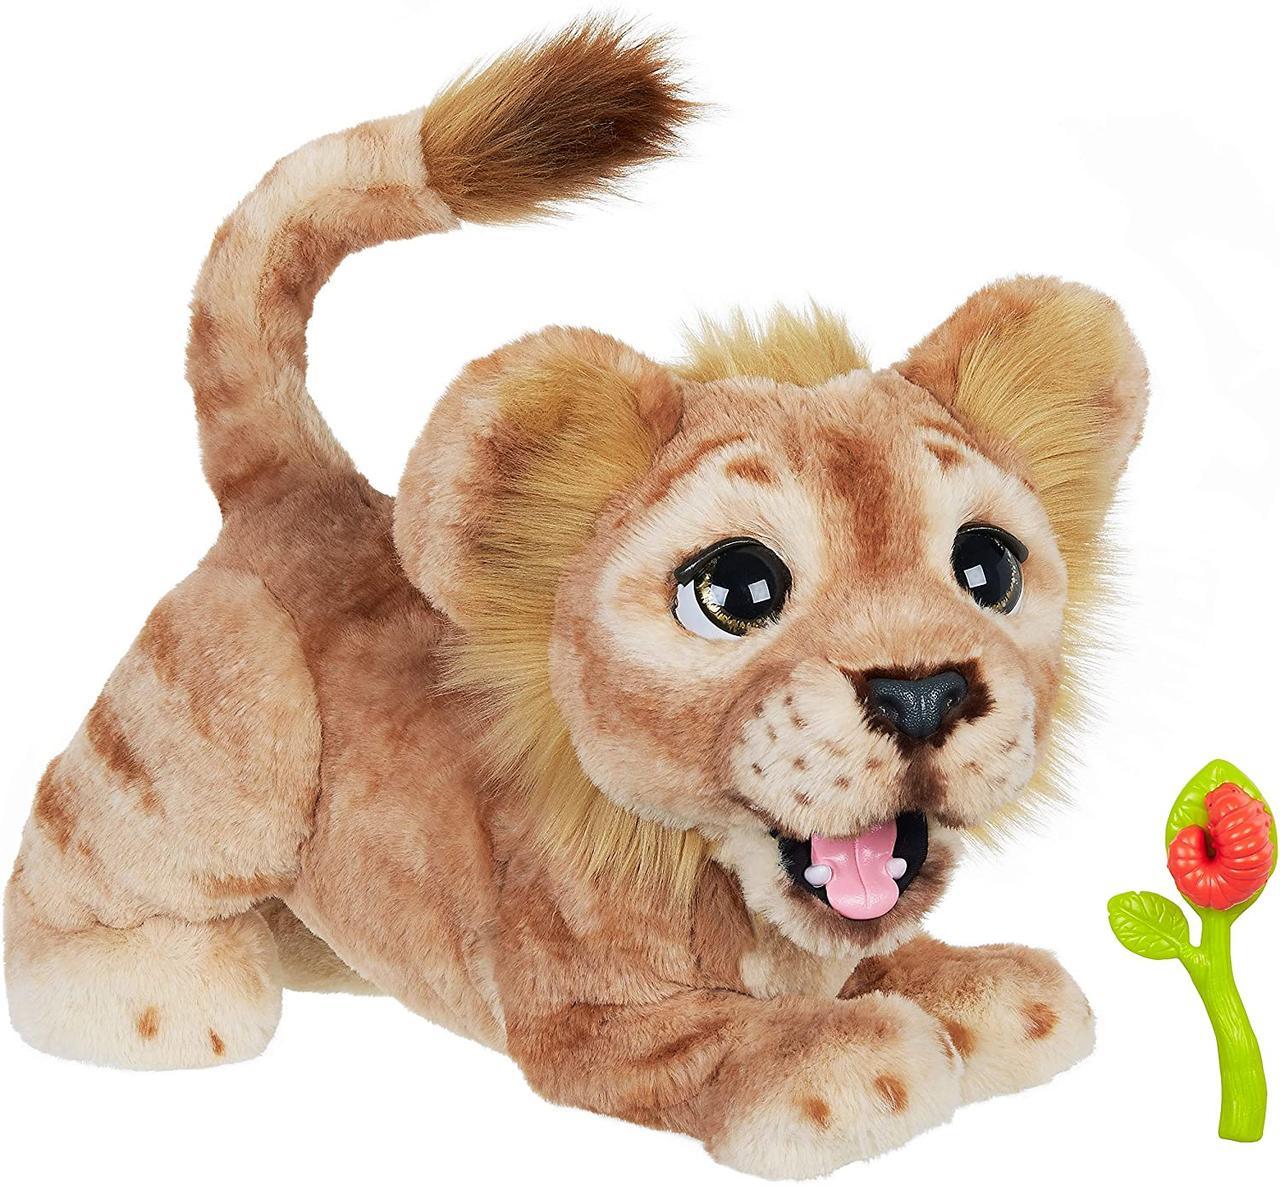 Мягкая интерактивная игрушка Дисней Король Лев Симба Hasbro Disney Lion King Simba англ. язык (E5679)